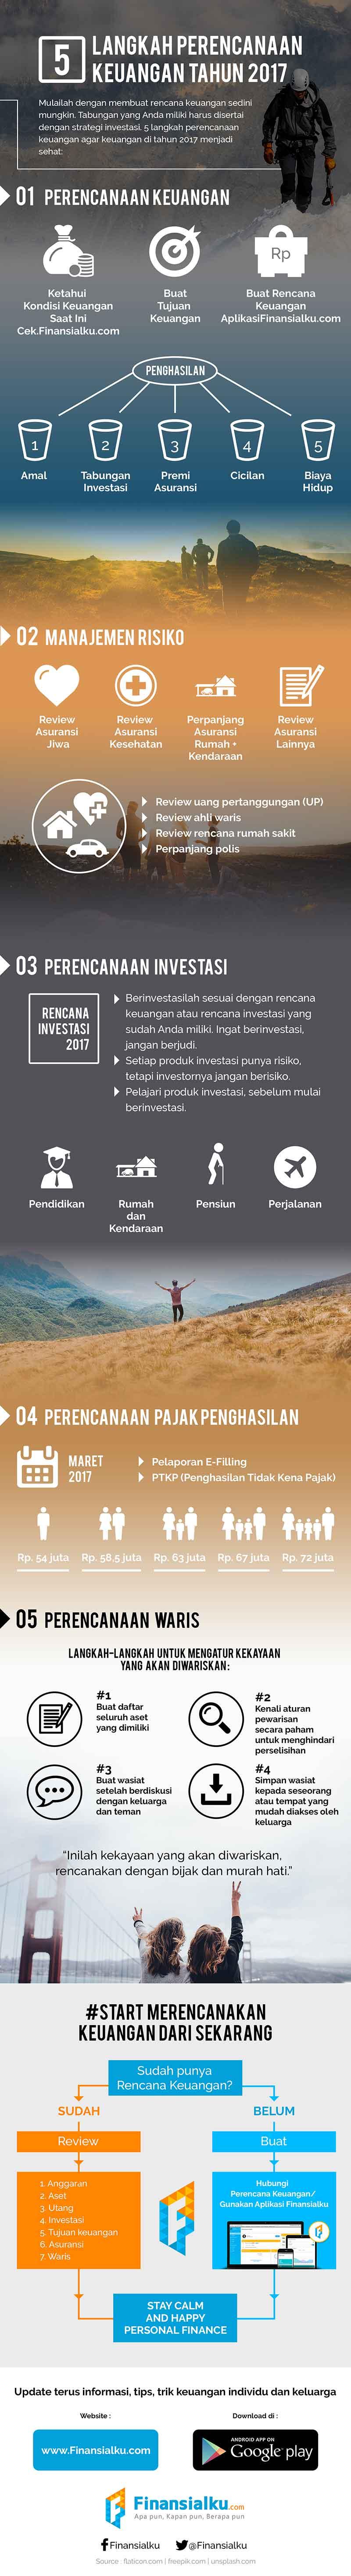 Infografis 5 Langkah Perencanaan Keuangan di Tahun 2017 02 - Finansialku